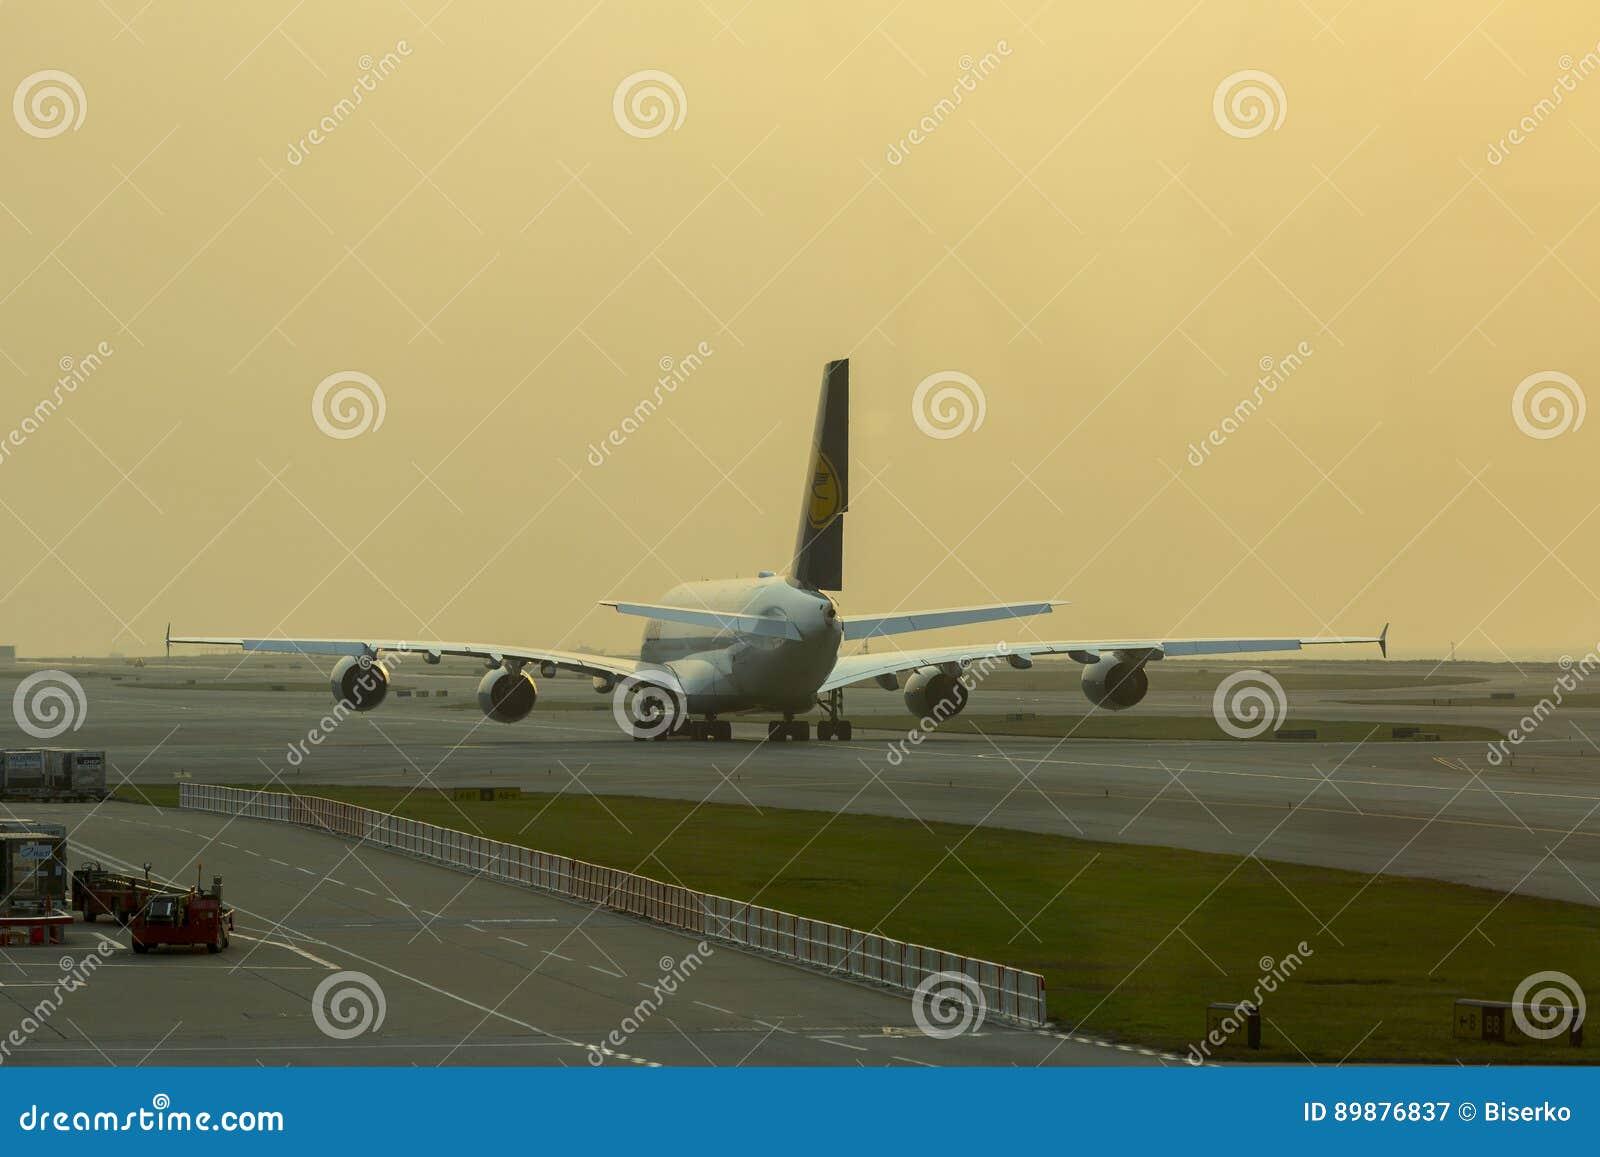 Airbus A380 Of Lufthansa Waiting For Take Off At Hong Kong